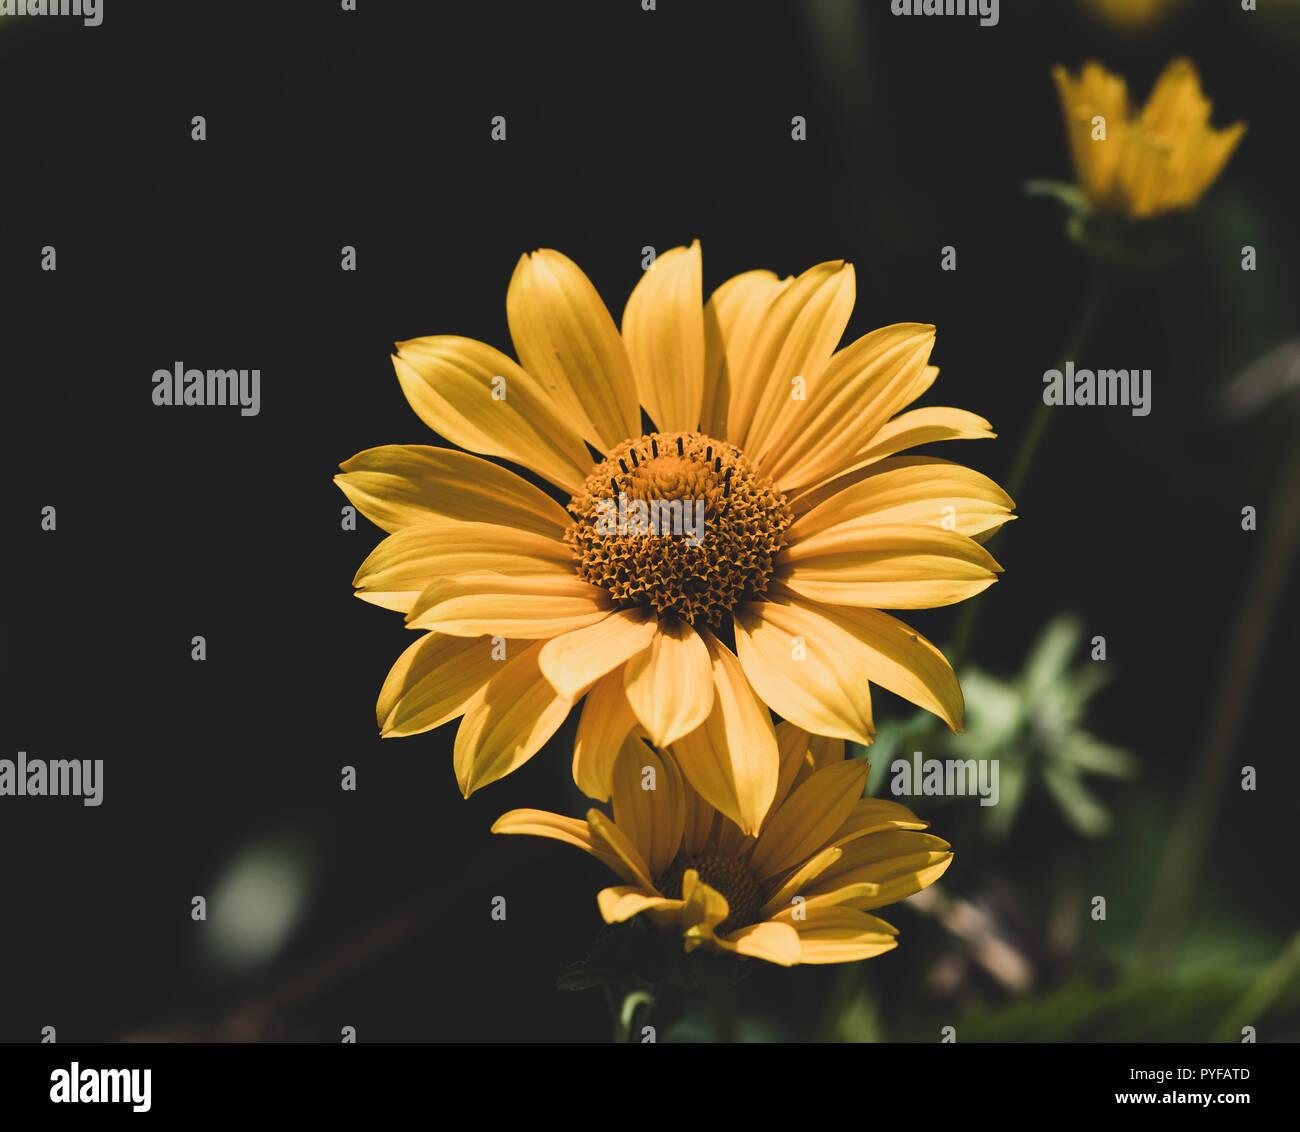 Natürliche Blumen gedämpften Farben outdoor Makro einer gelben Pot marigold Marigold/ruddles/common/Scotch Ringelblume blühen, verschwommenes natürlichen Hintergrund, Sonnig Stockbild